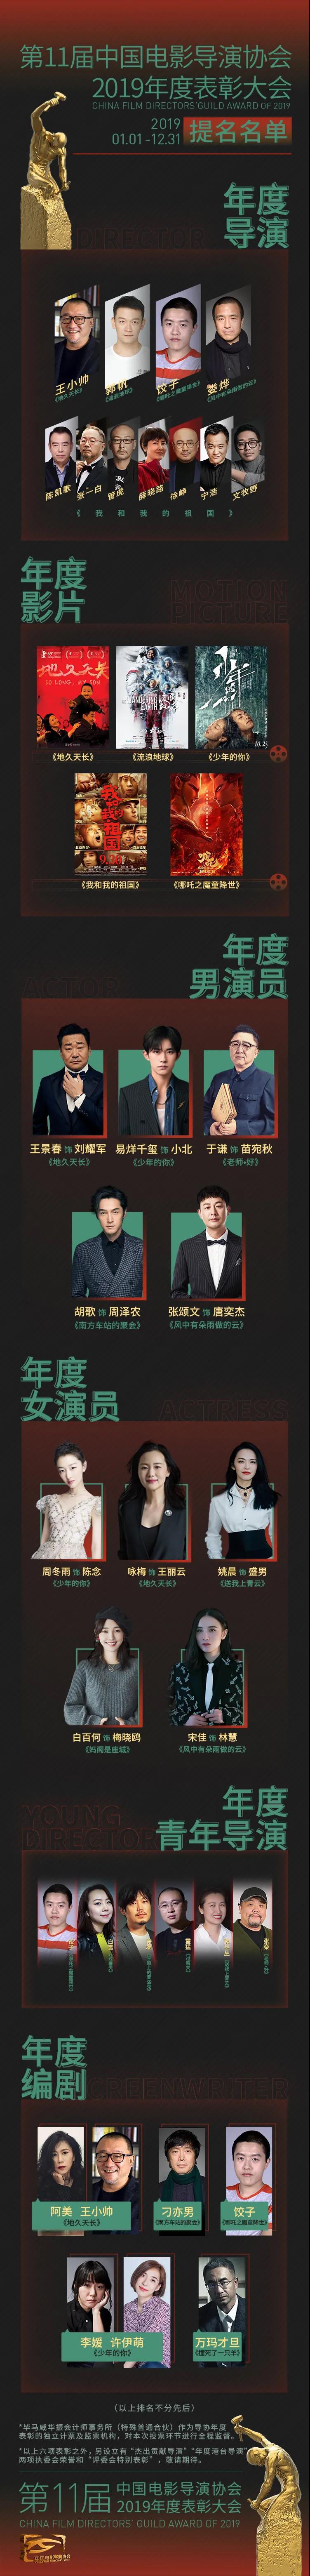 皇冠app怎么下载:中国导协表彰大会提名名单宣布 易烊千玺胡歌入围 第1张